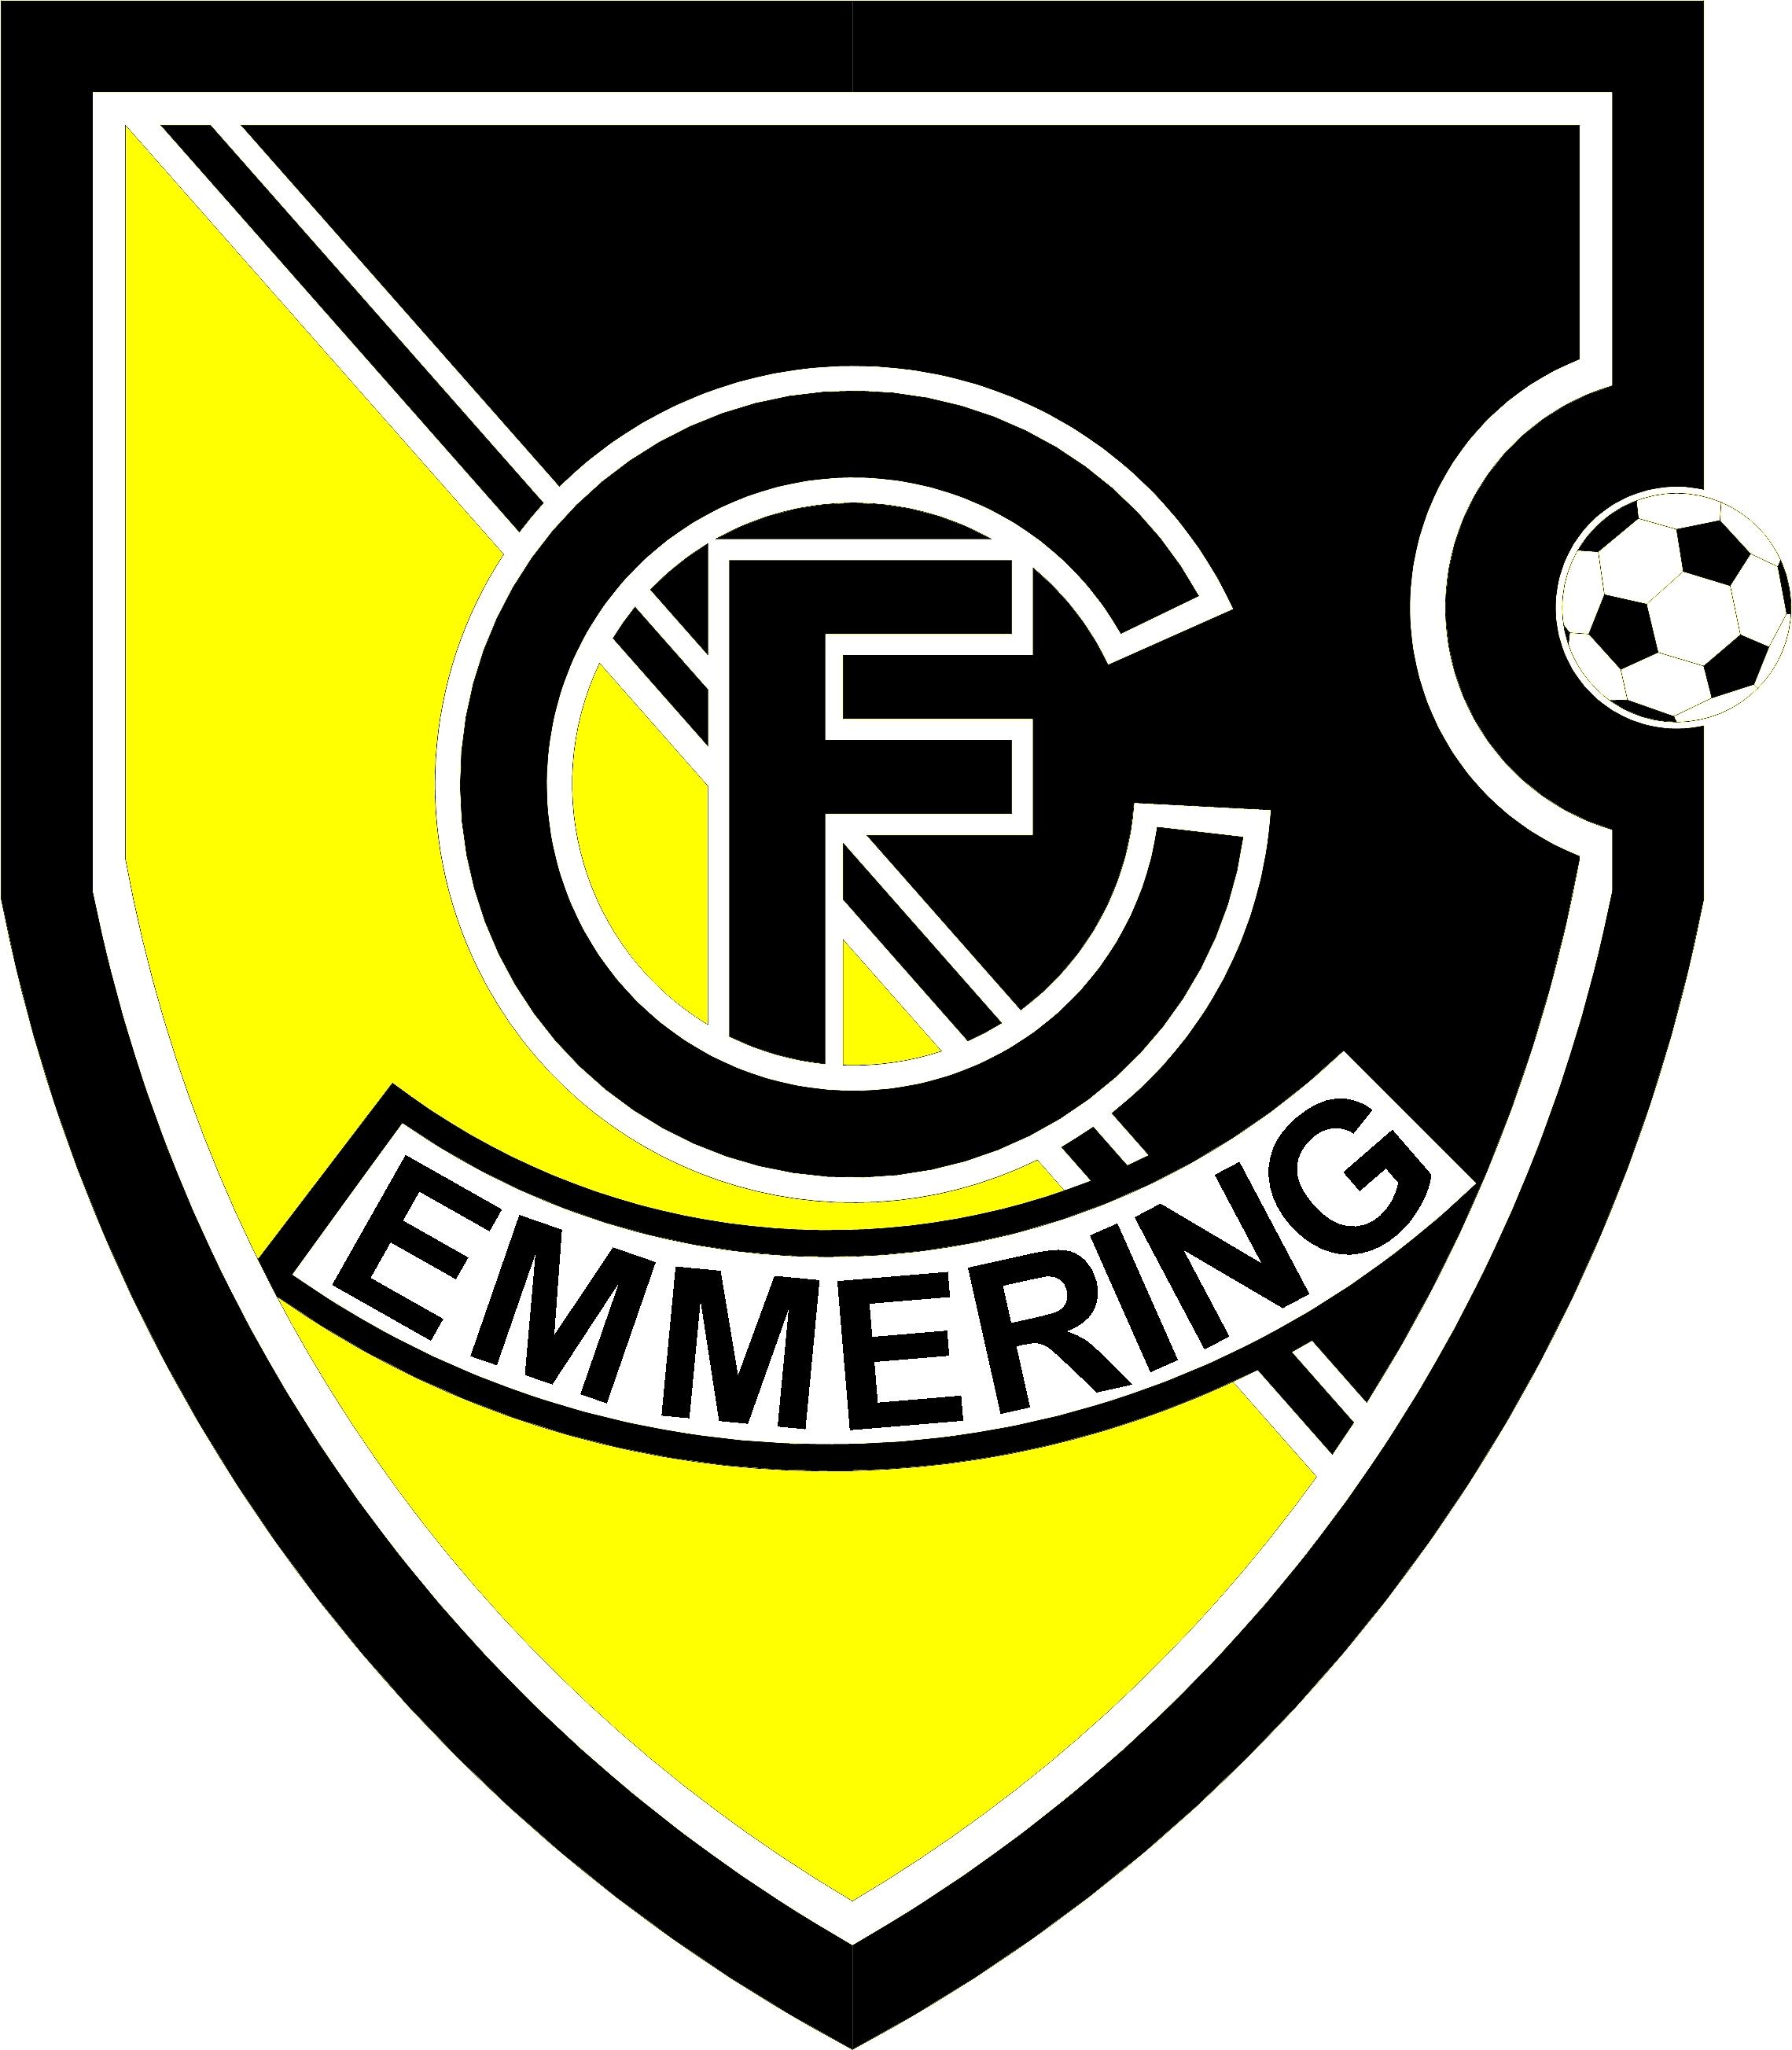 Fc Emmering